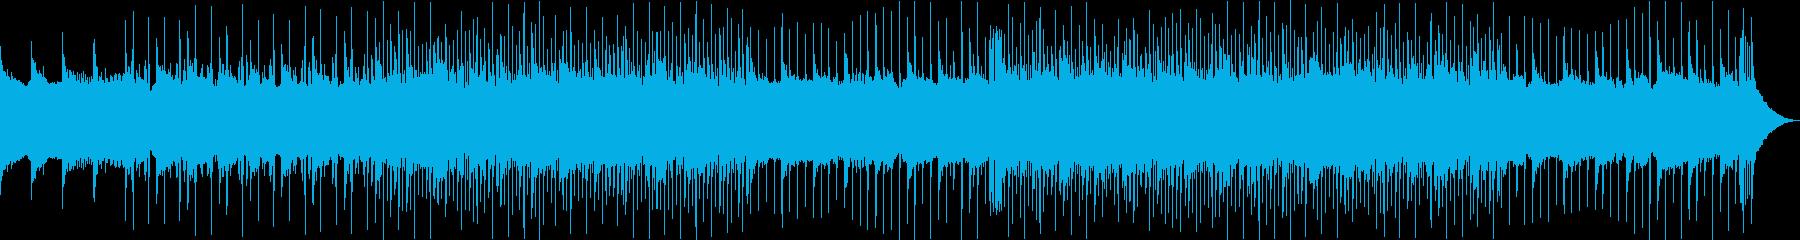 おしゃれチルアウト・まったりヒップホップの再生済みの波形